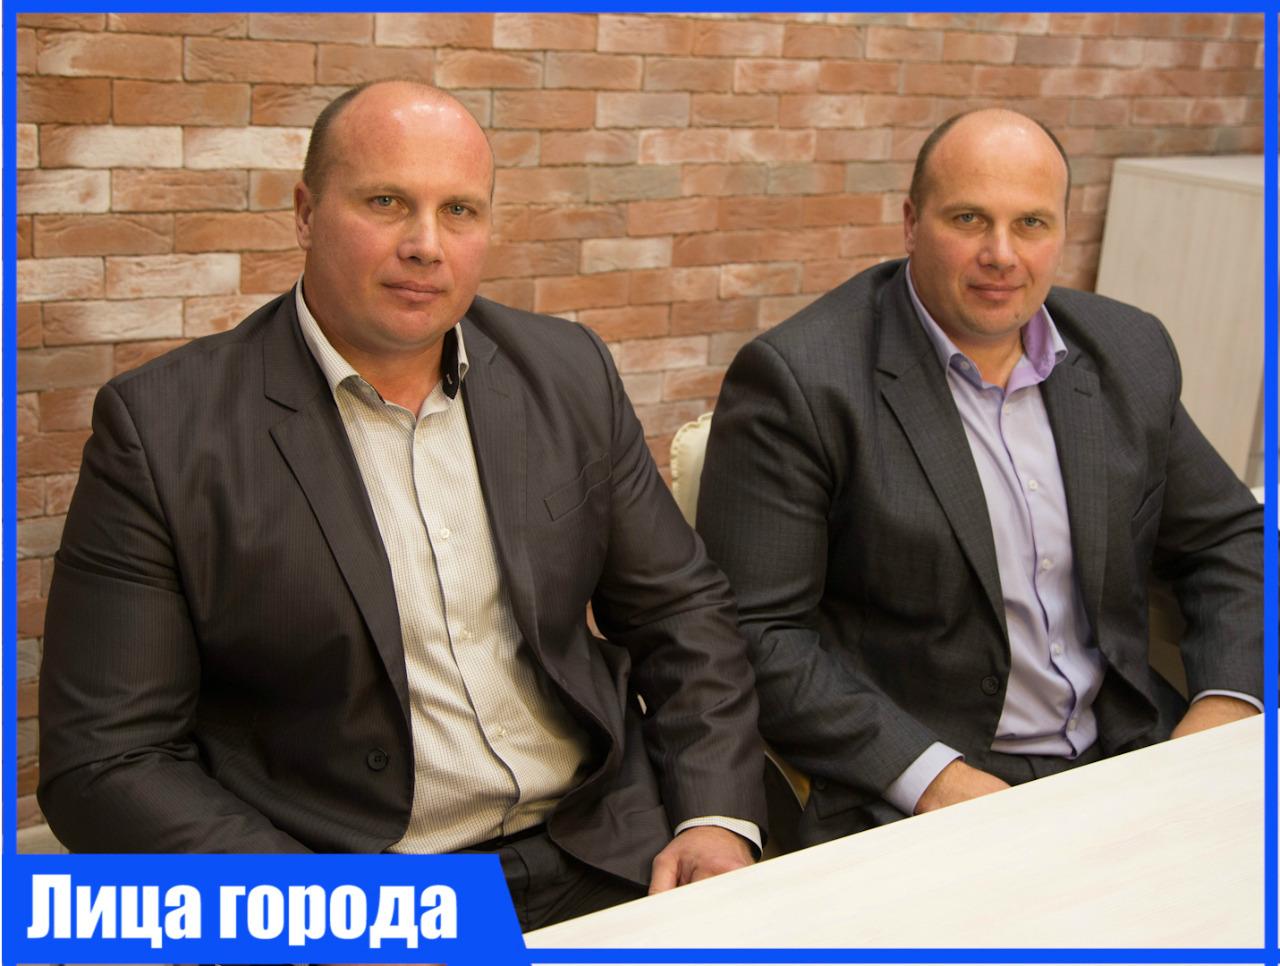 В Ростове развалили старое зеленое хозяйство, а нового не создали! - братья Мильченко